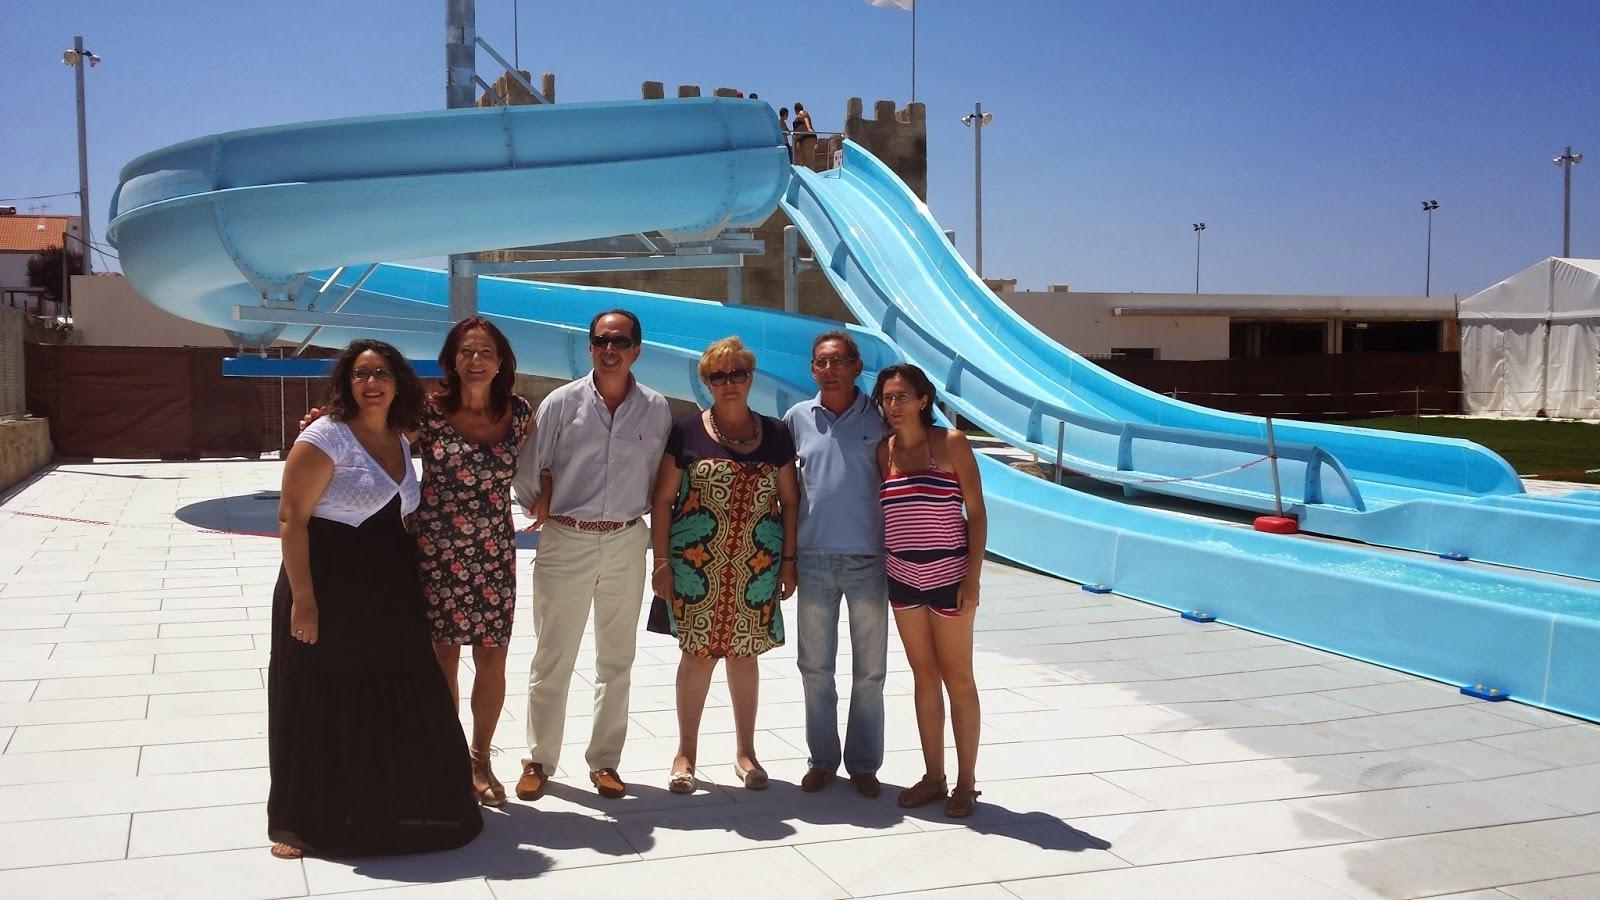 La nueva piscina de villanueva de c rdoba estrena sus for Piscina municipal cordoba